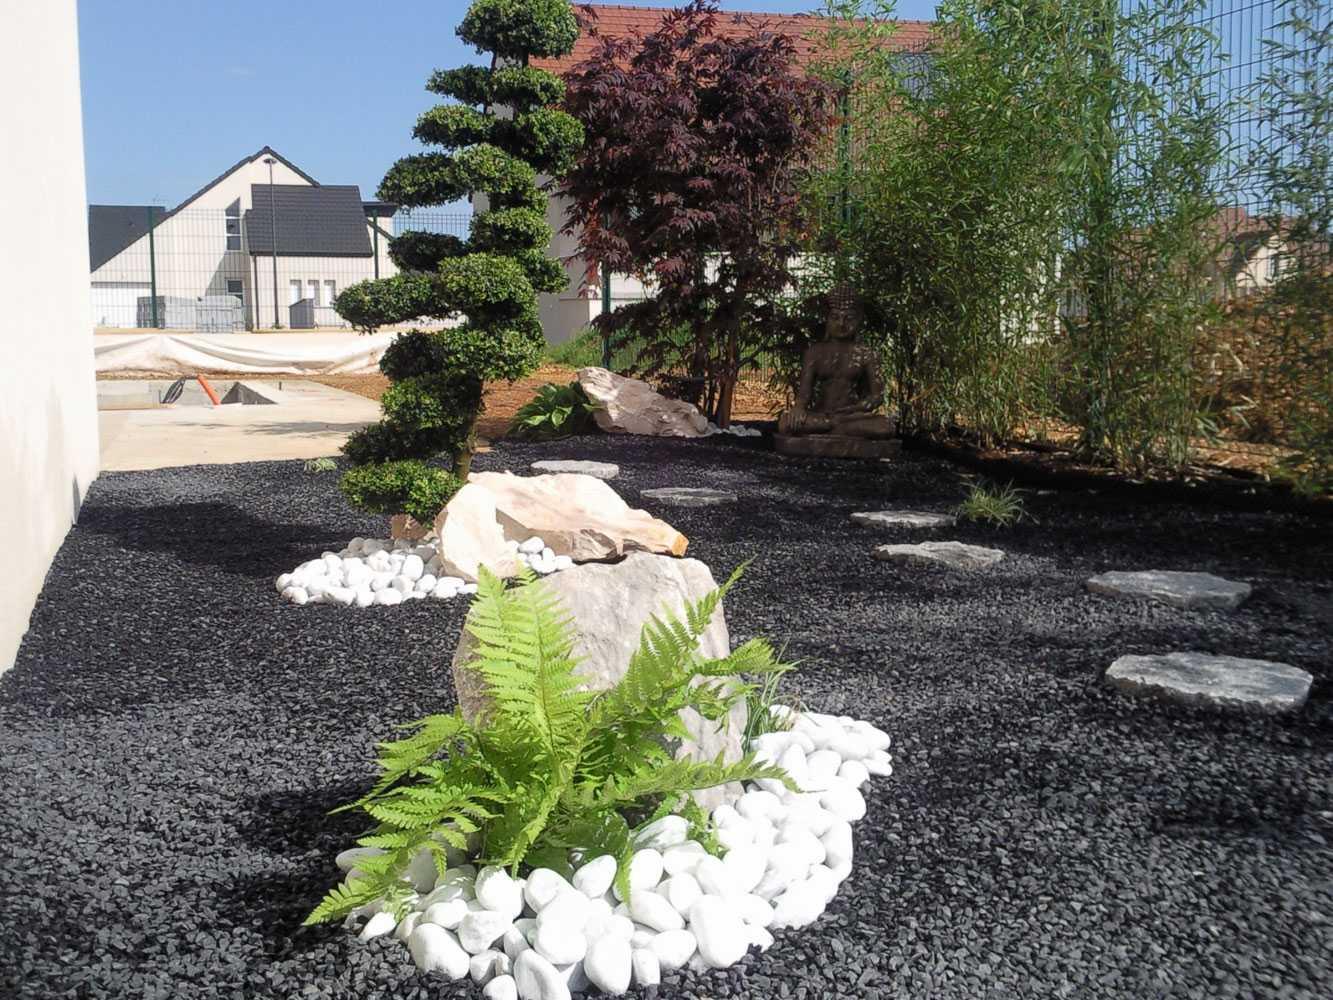 Impressionnant Jardin Exterieur Zen Avec Deco De Jardin ... concernant Decoration Jardin Zen Exterieur